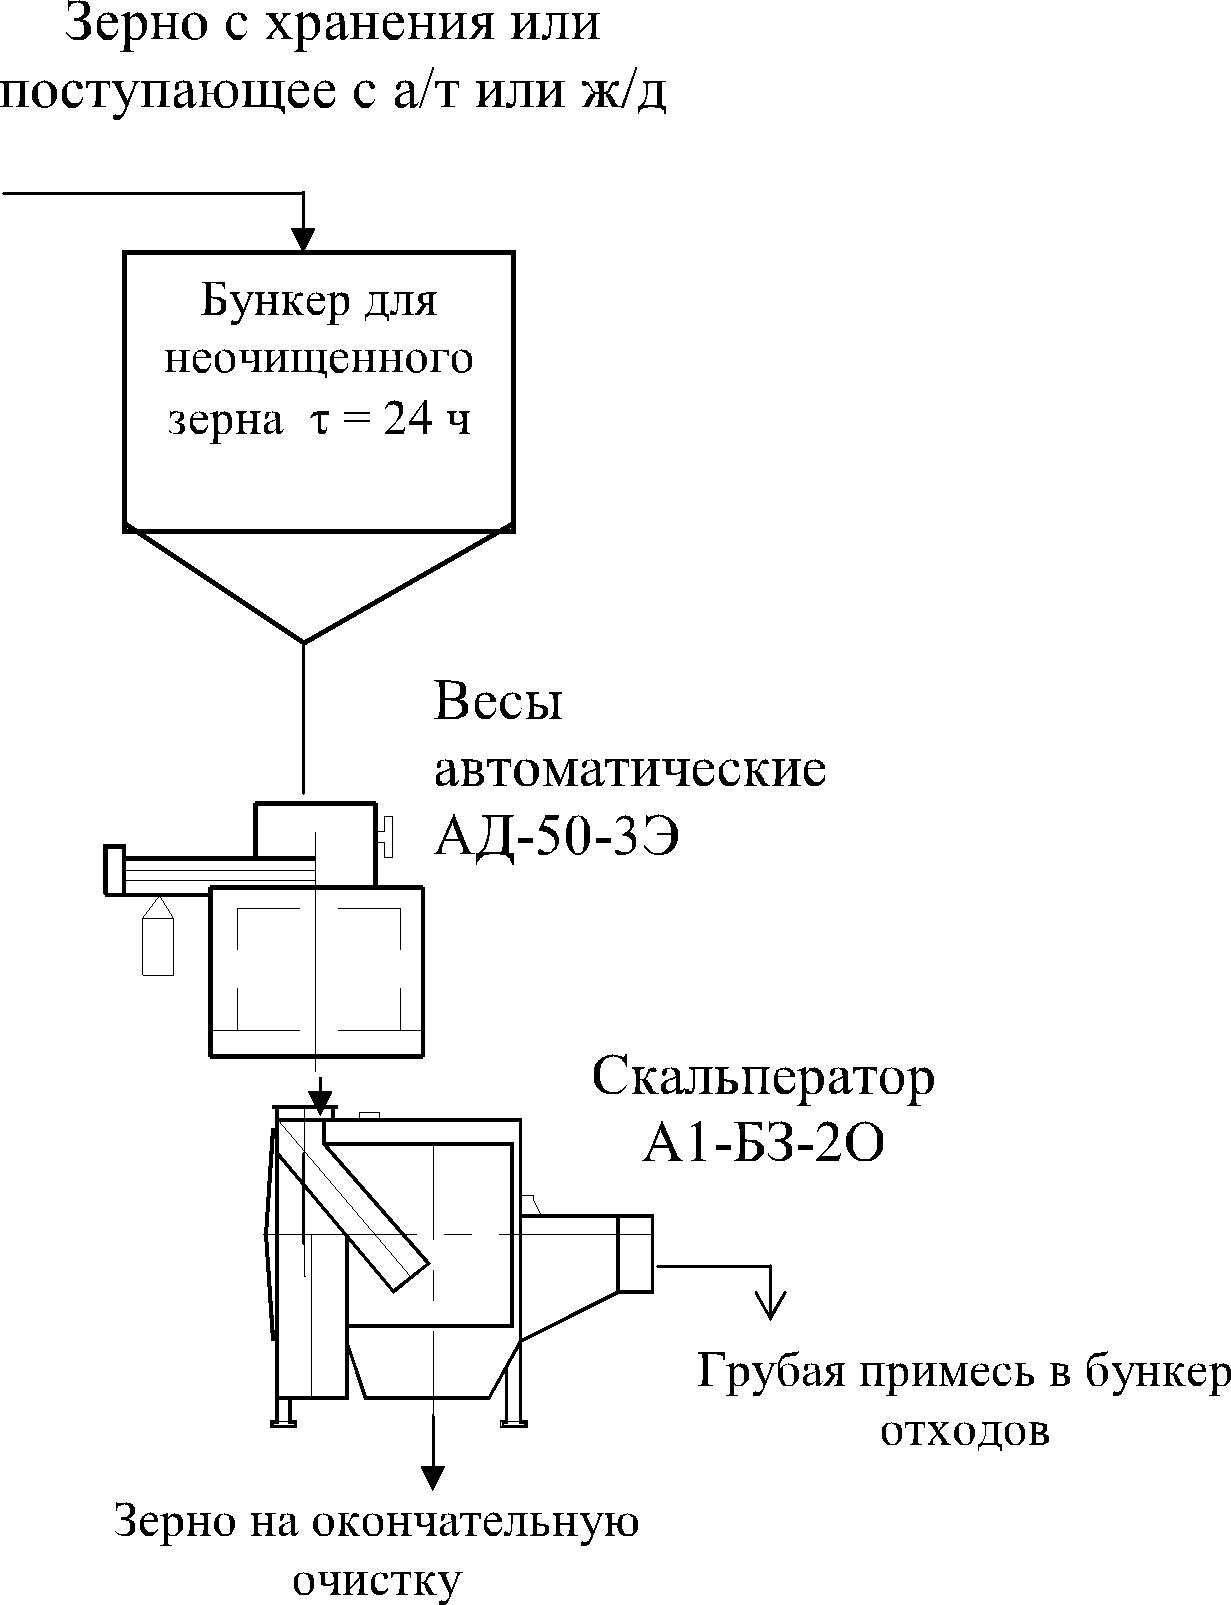 схема технологического оборудования для предварительной очистки гречихи